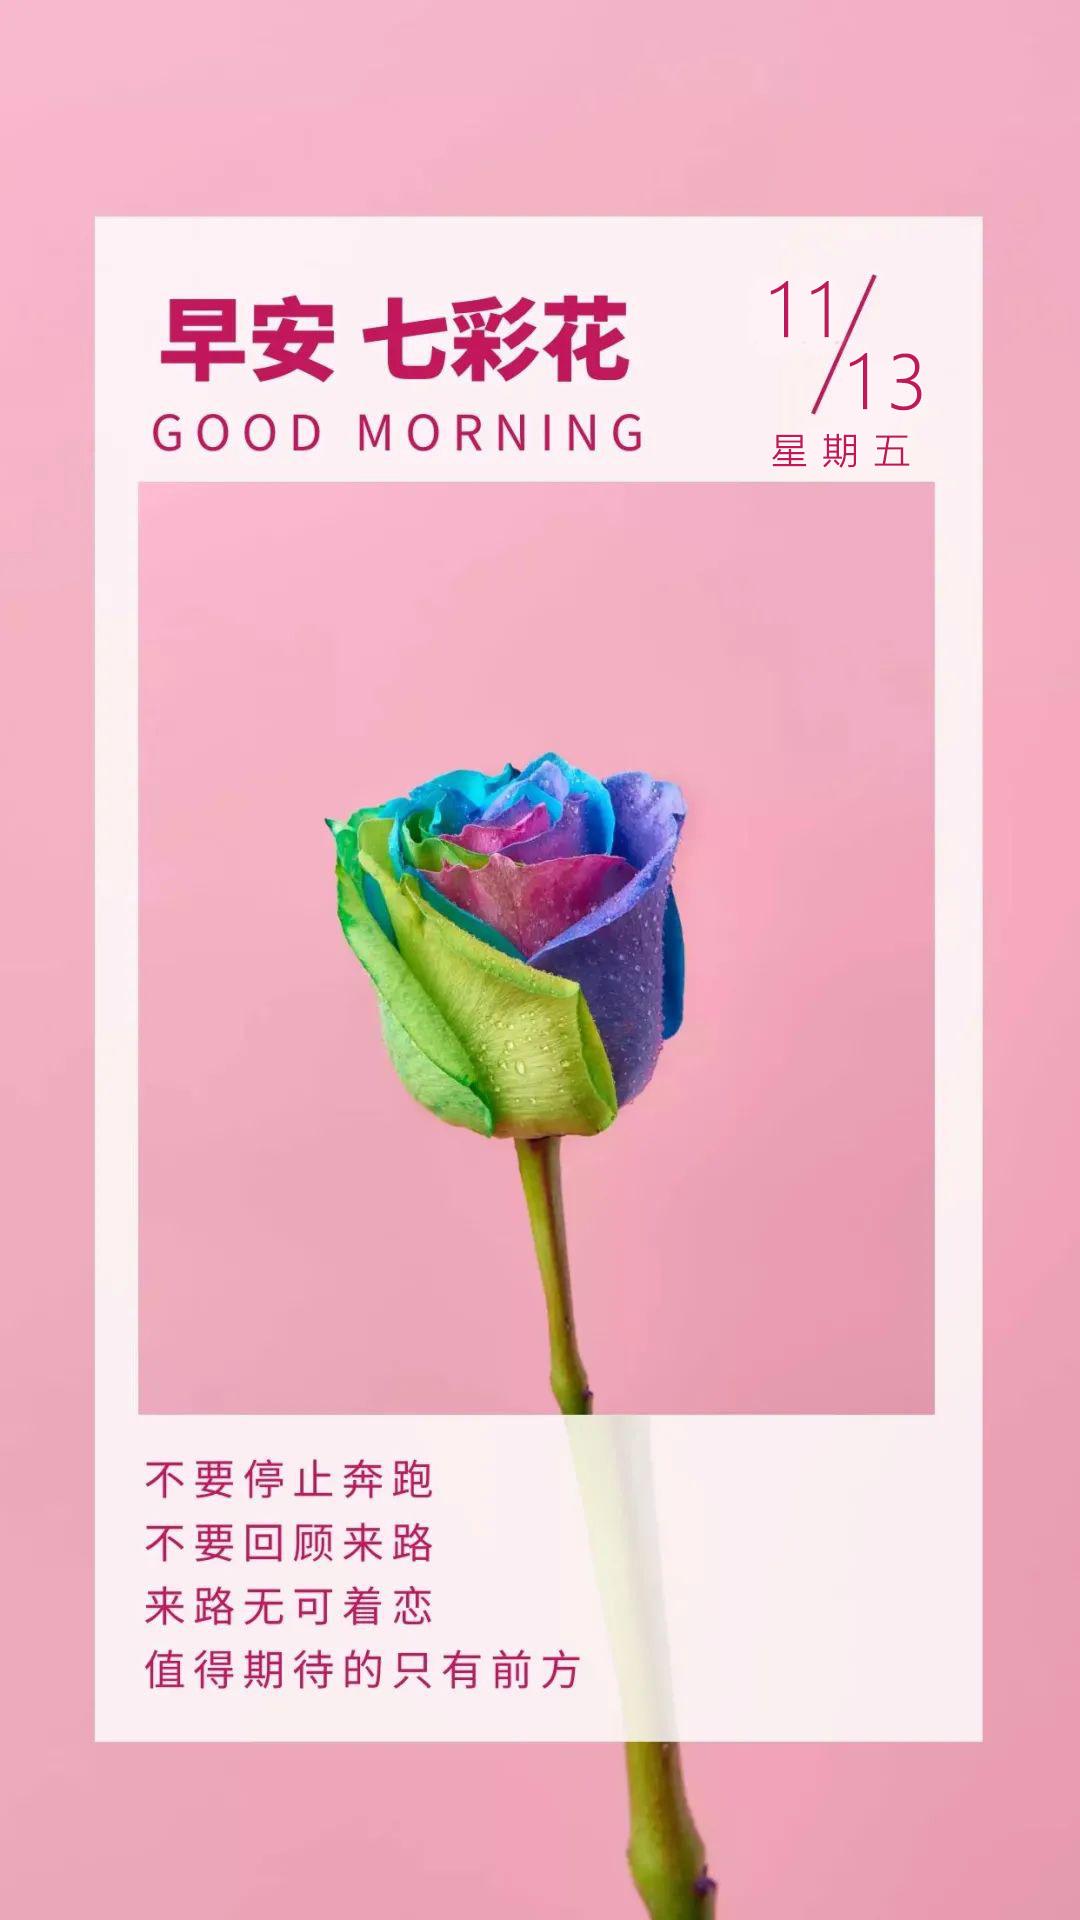 发朋友圈的奋斗激励早安文案带图:努力,但凡辛苦都是礼物!